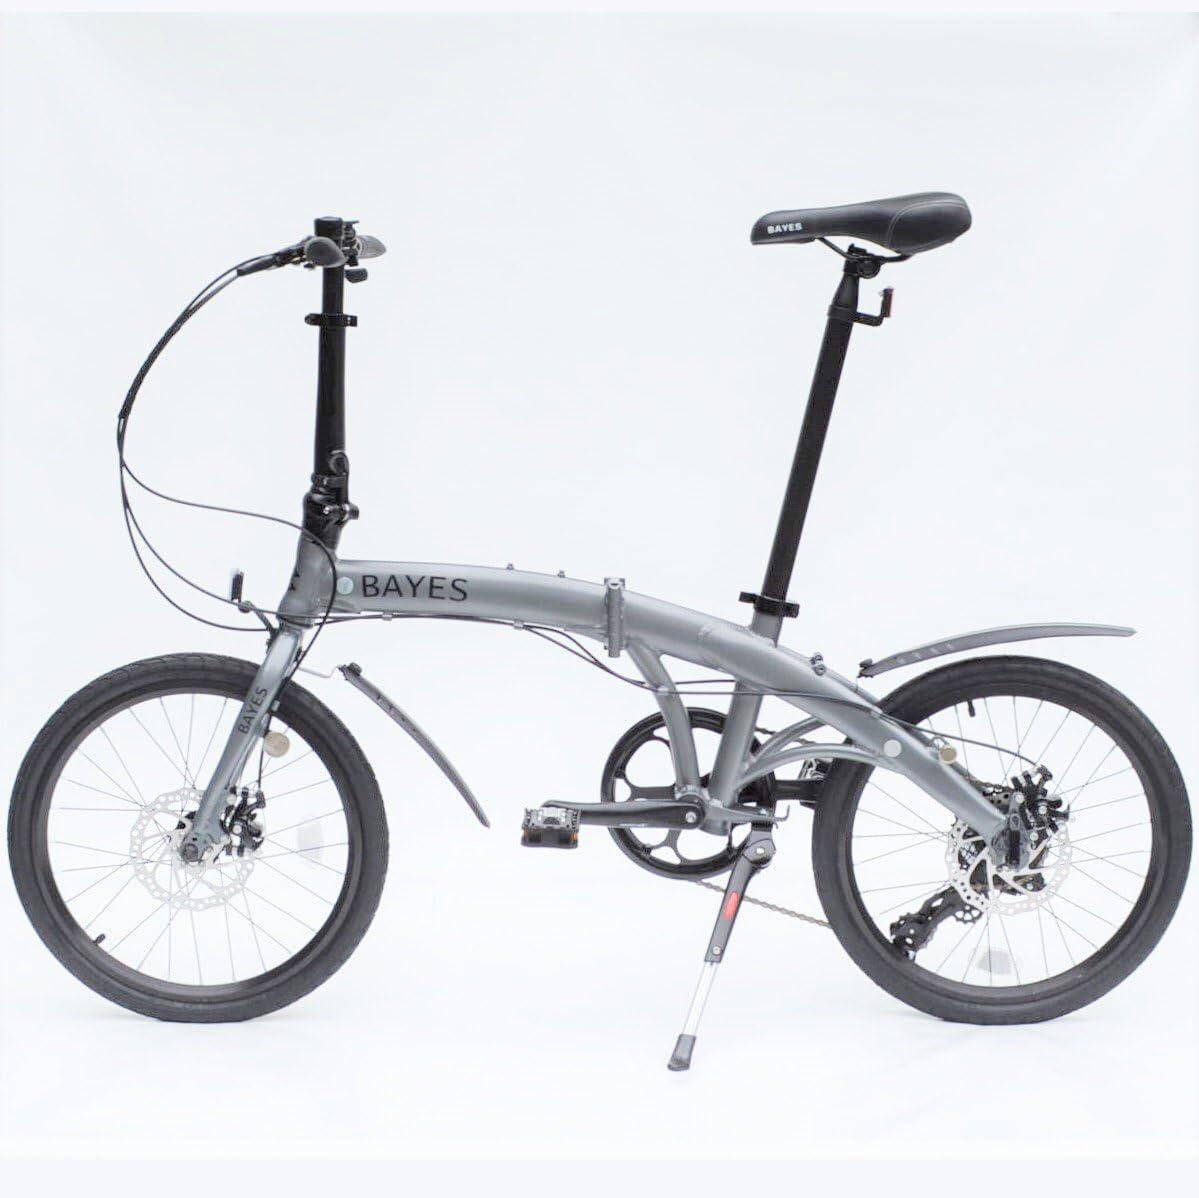 Bayes–Bicicleta plegable de aluminio Shimano, de 20 pulgadas con 8velocidades, con frenos de disco